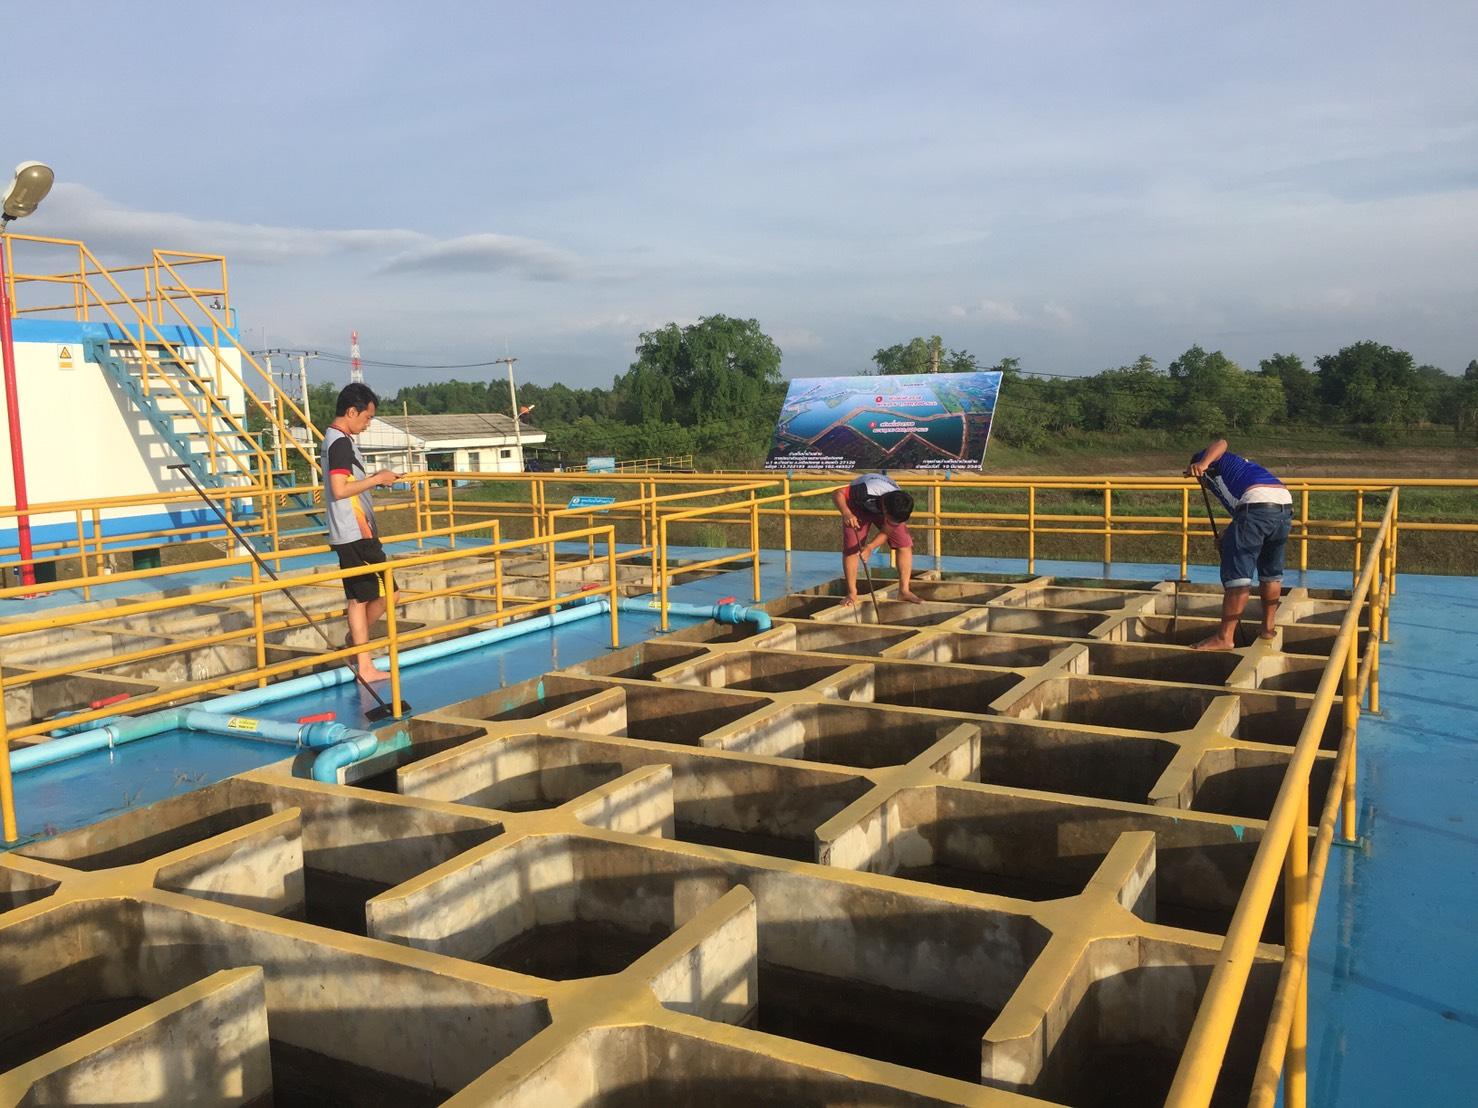 ดำเนินการล้างถังตะกอน ประจำเดือนมิถุนายน ตามแผนจัดการน้ำสะอาด (WSP) ณ สถานีผลิตน้ำบ้านด่าน